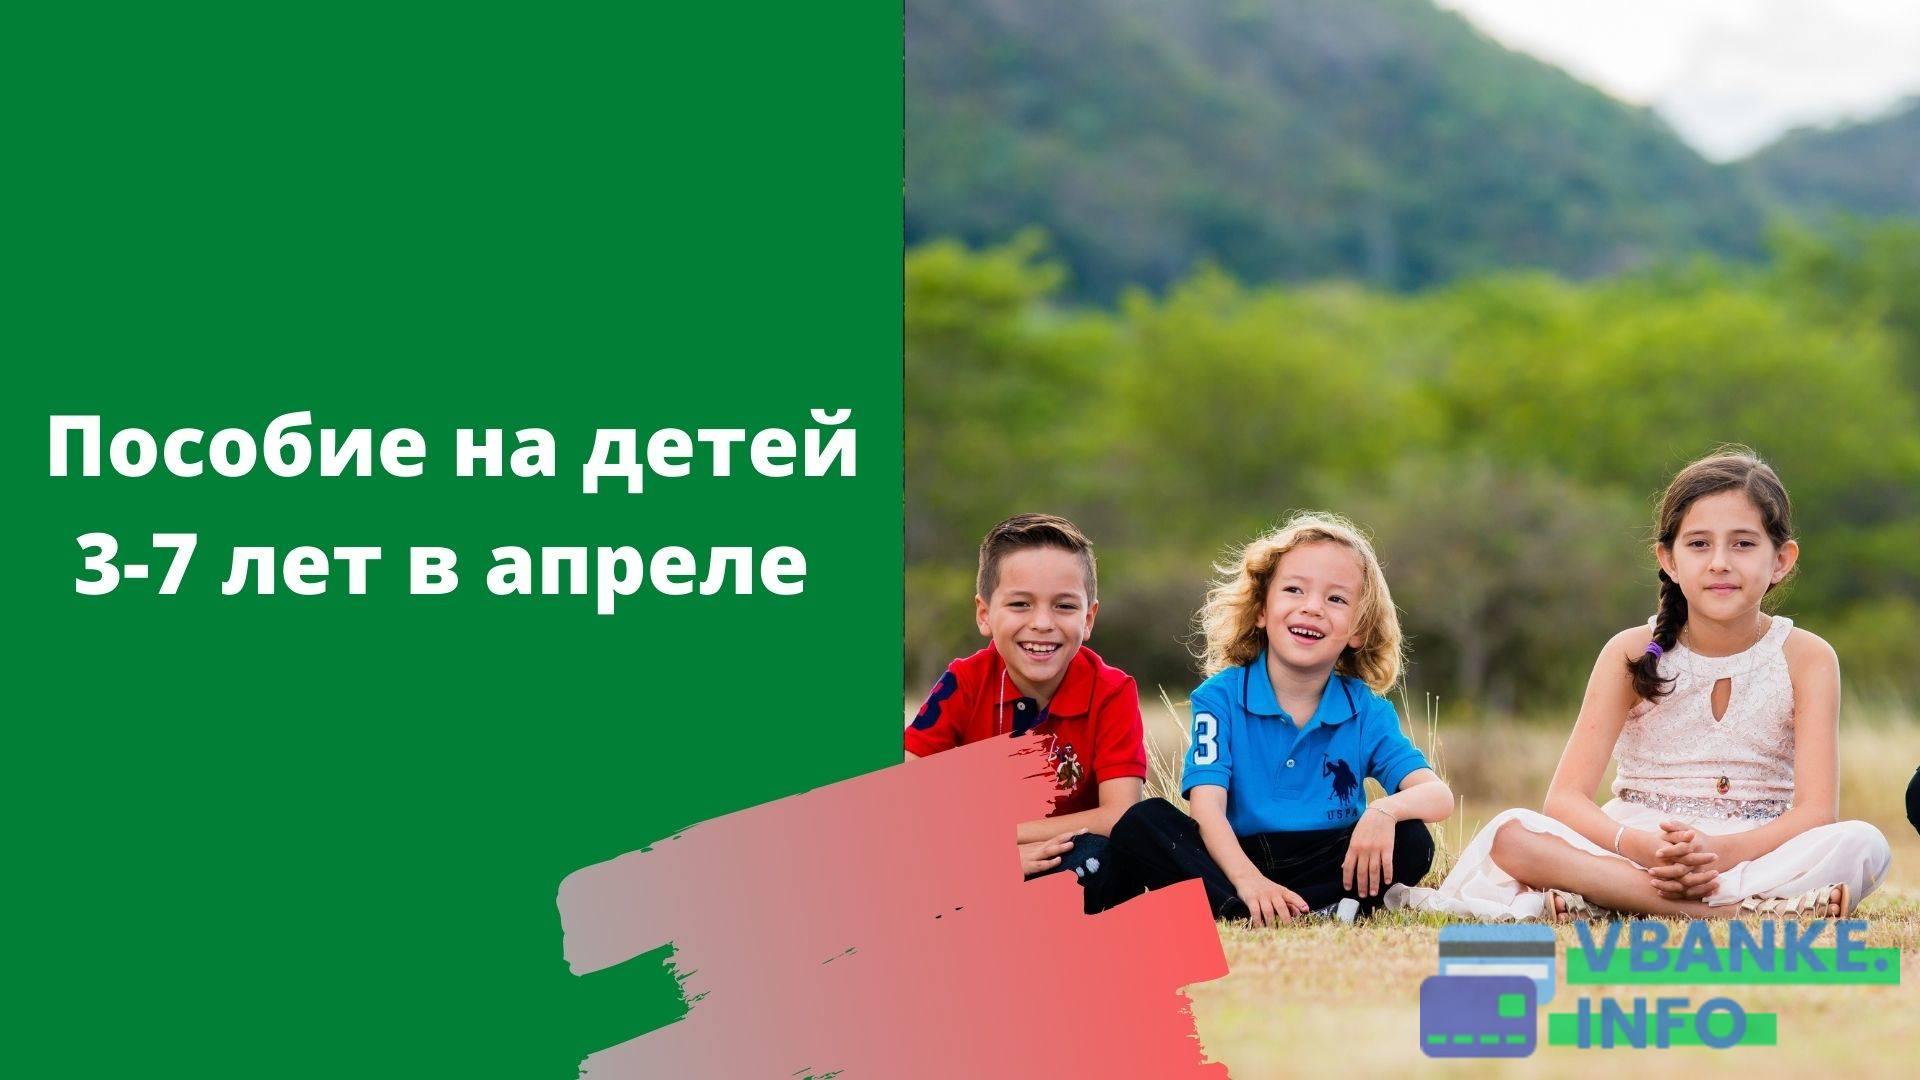 Ждать ли пособия на карту на ребенка от 3 до 7 лет в апреле 2021 и какие изменения произошли в его начислении